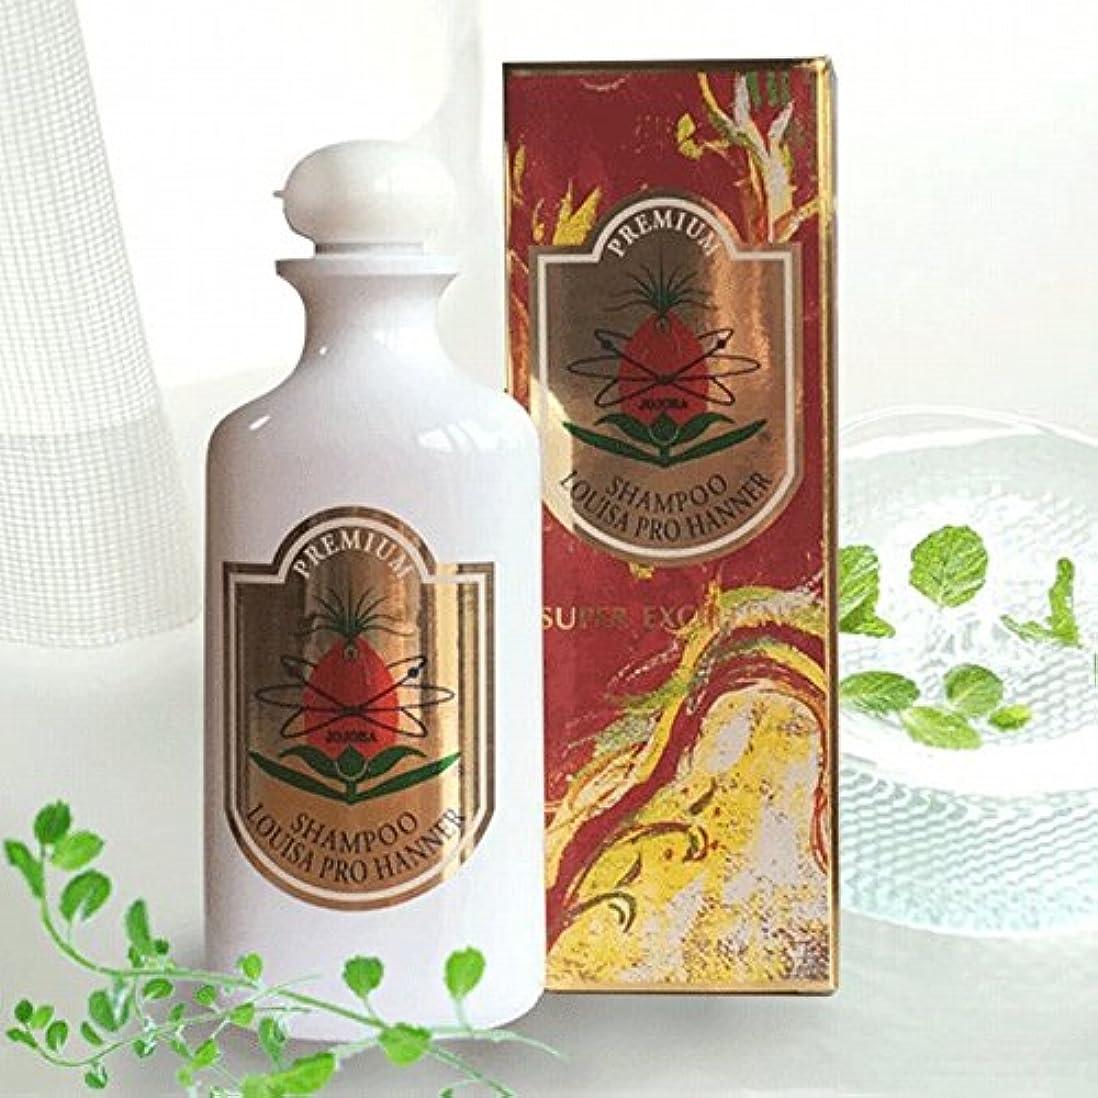 ポンプ主要なスリーブ医薬部外品 薬用ルイザプロハンナシャンプープレミアム新登場Louisa Pro Hanner Shampoo Premium 天然成分配合の自然派シャンプー